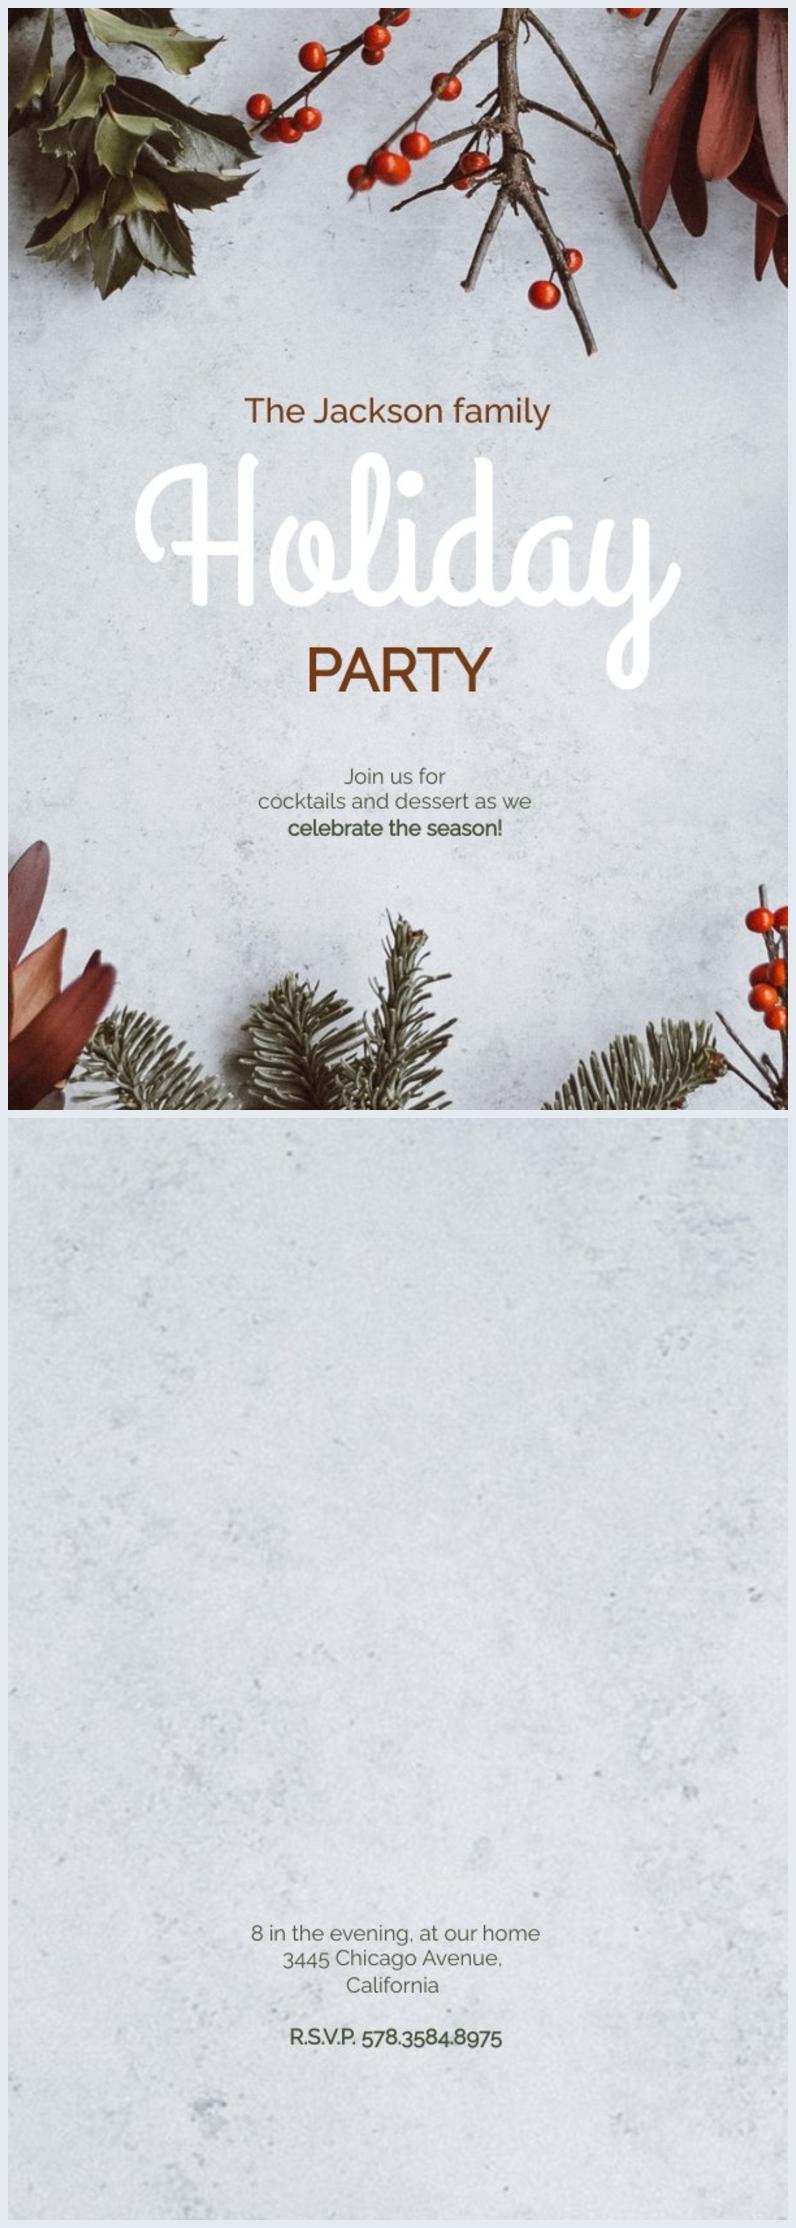 Diseño gratuito para invitación de Días festivos